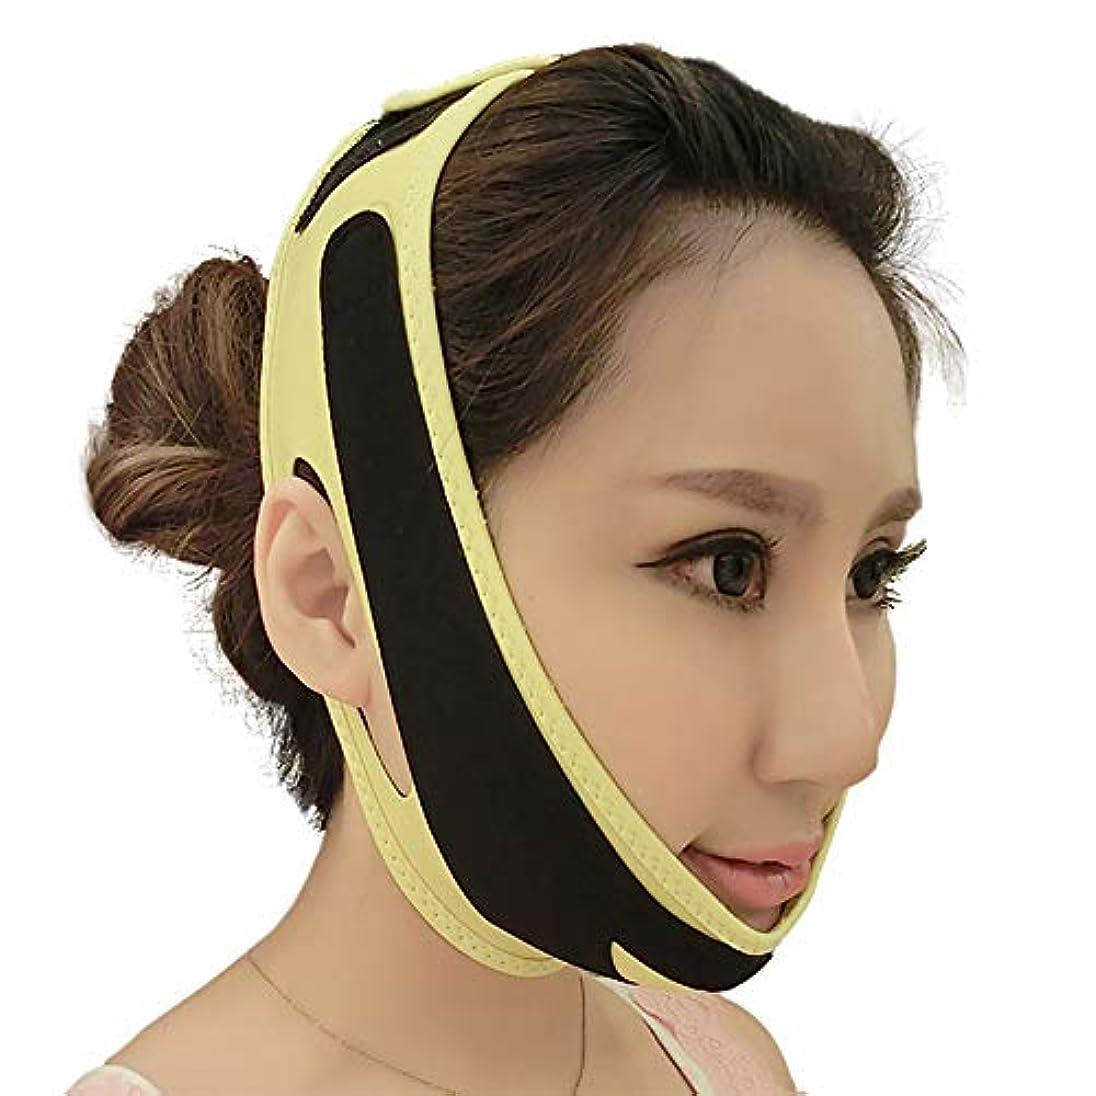 モック交換いくつかの痩身頬マスク、アンチリンクルVラインフェイシャルマスクリフトアップストラップチンフェイスラインベルトストラップバンド,Yellow